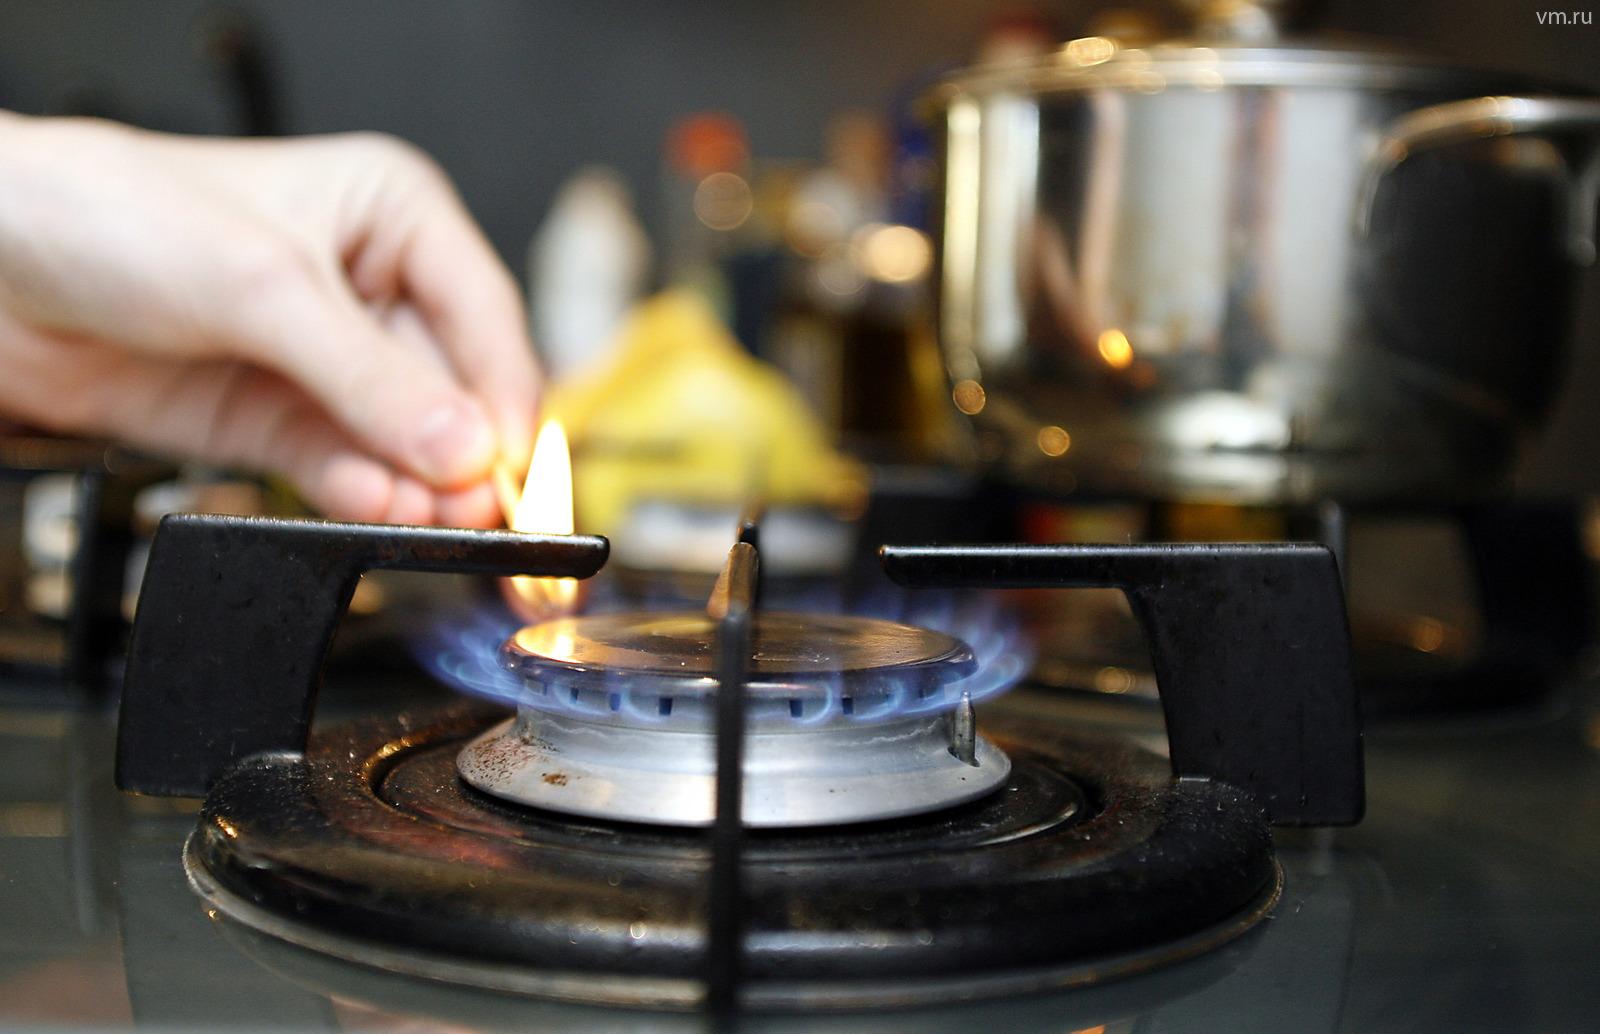 Газ у грудні коштуватиме дешевше, ніж у листопаді - Україна, київщина - 1212 Gaz